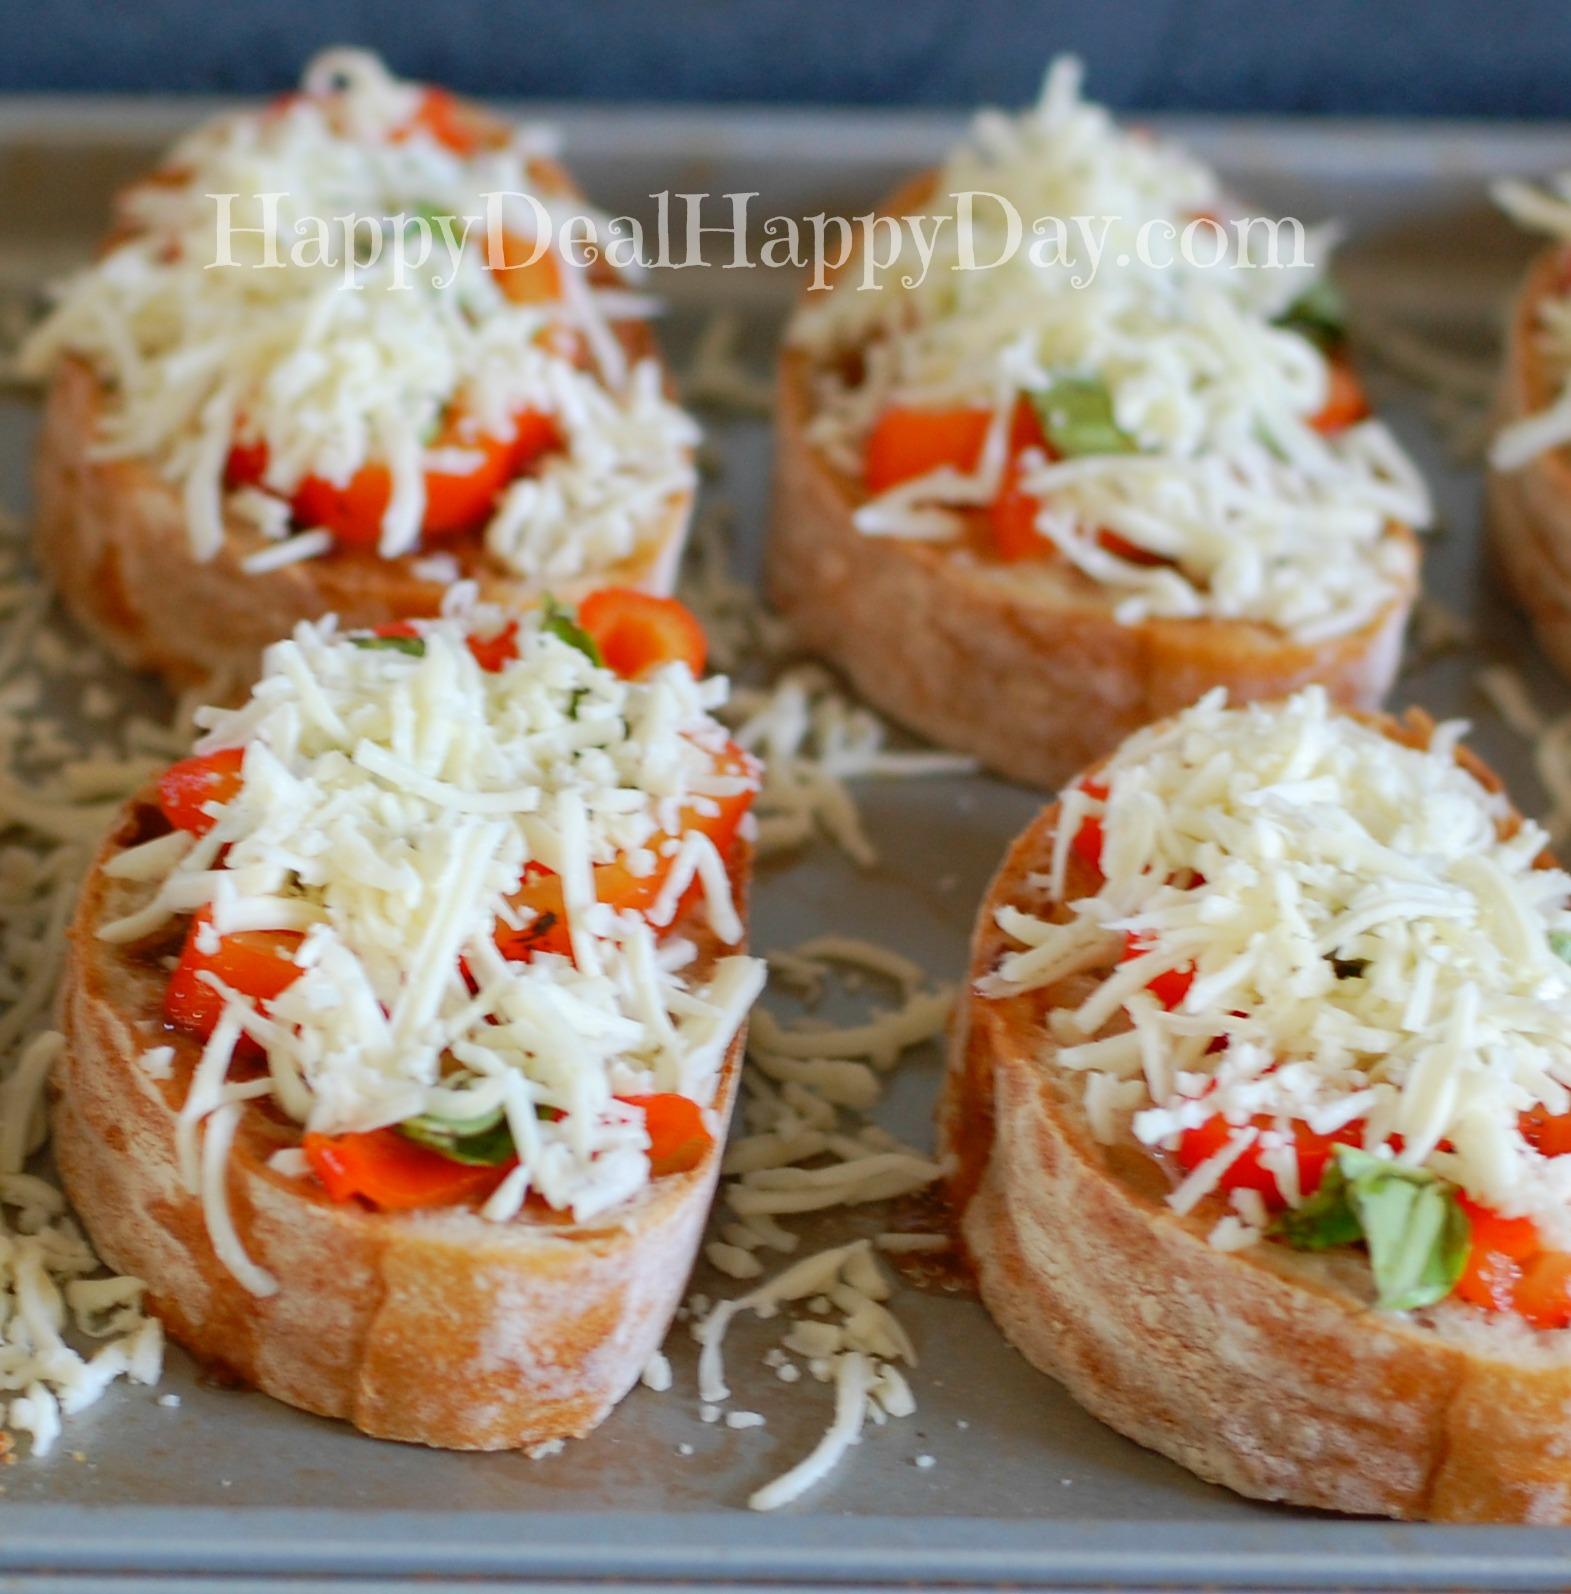 Easy Bruschetta Recipe - covered in mozzarella cheese